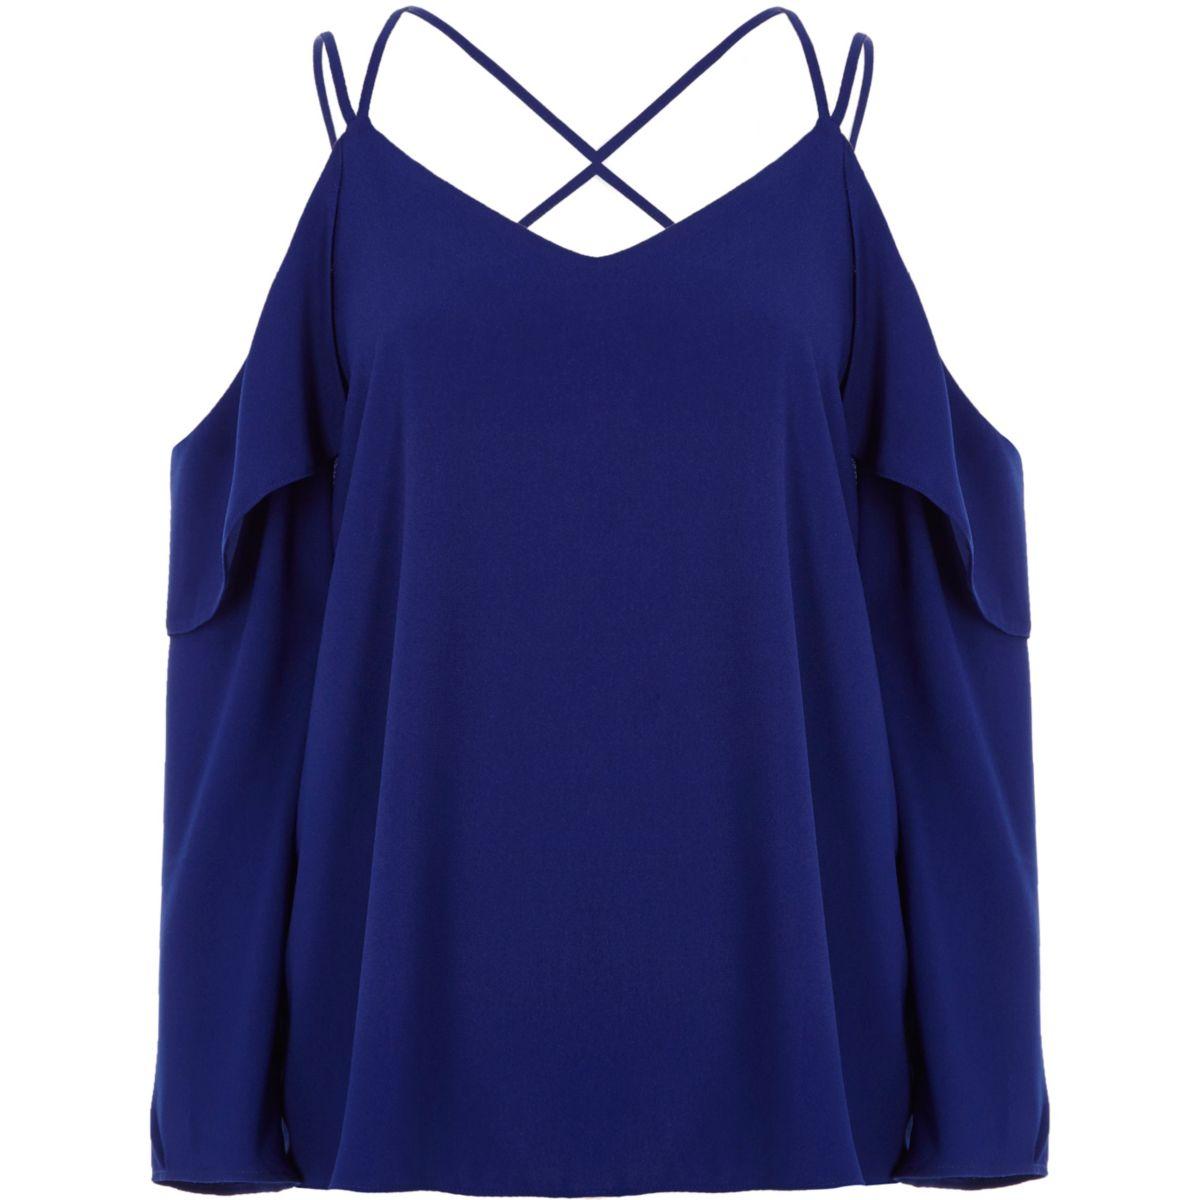 Kobaltblaue Bluse mit Schulterausschnitten